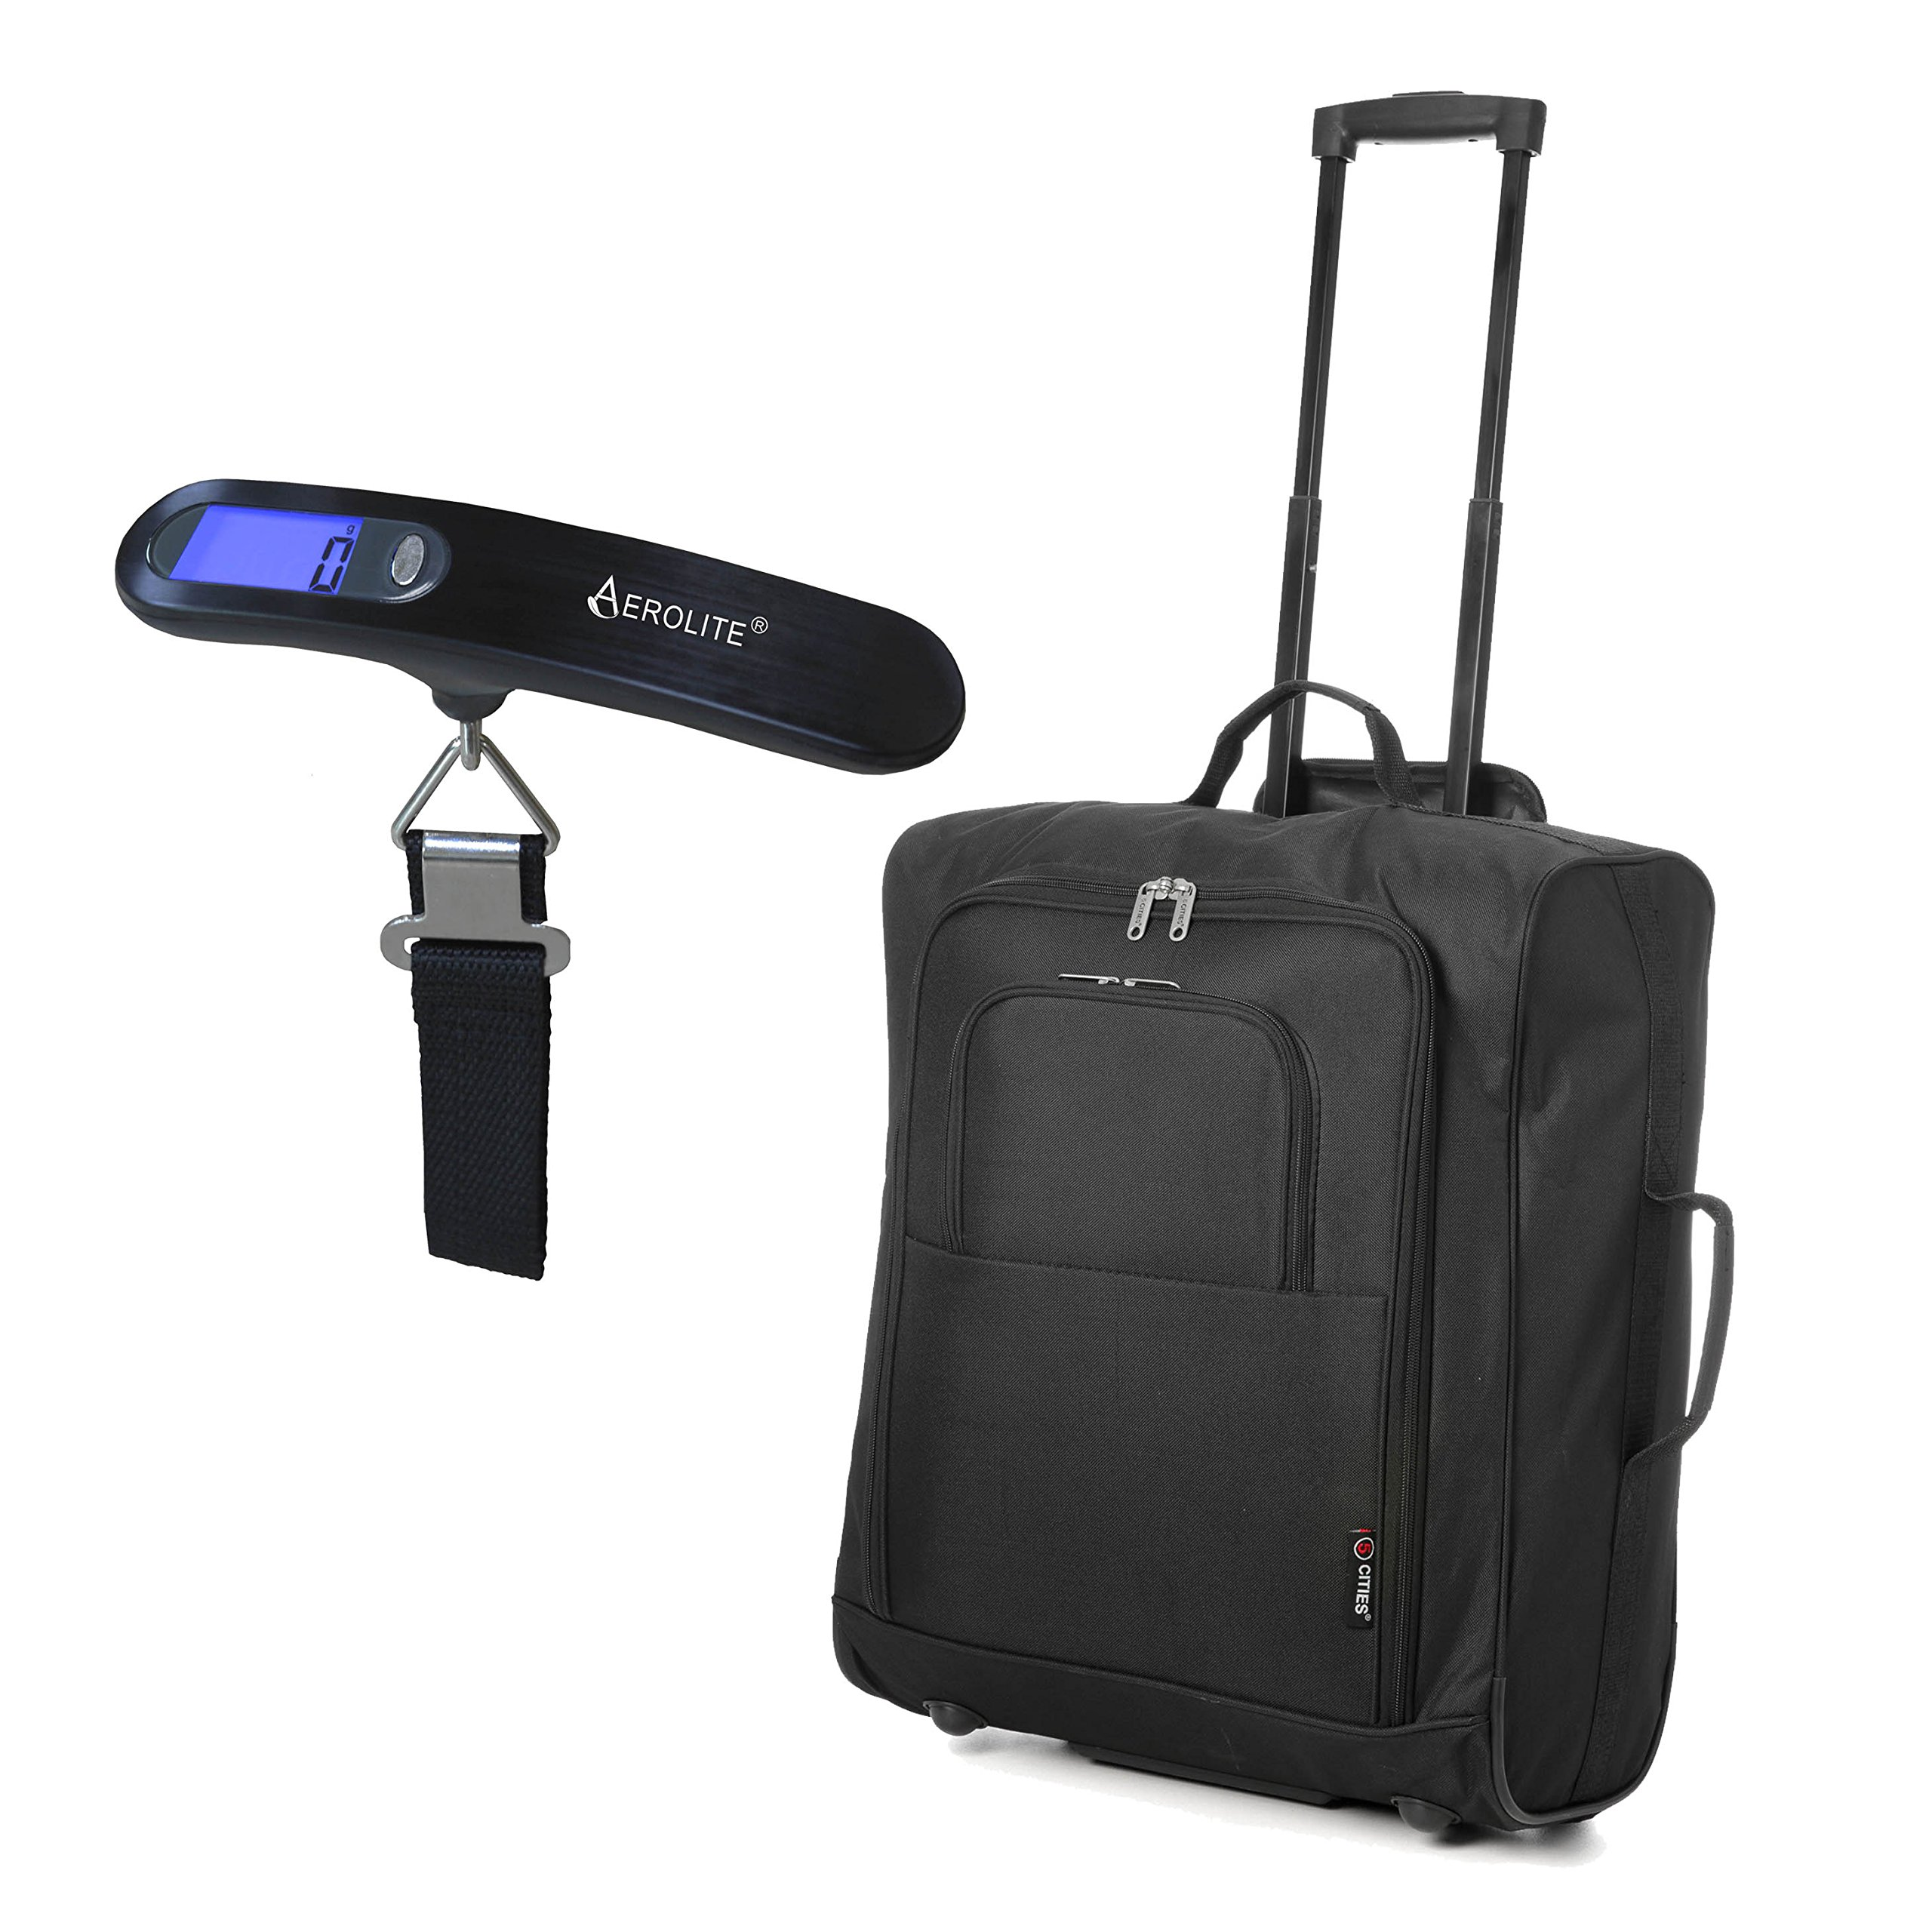 81eE6XPDKcL - Easyjet e British Airways 56x45x25cm bagaglio a Mano massima approvato Trolley, 60L Capacità,(2X Negro)